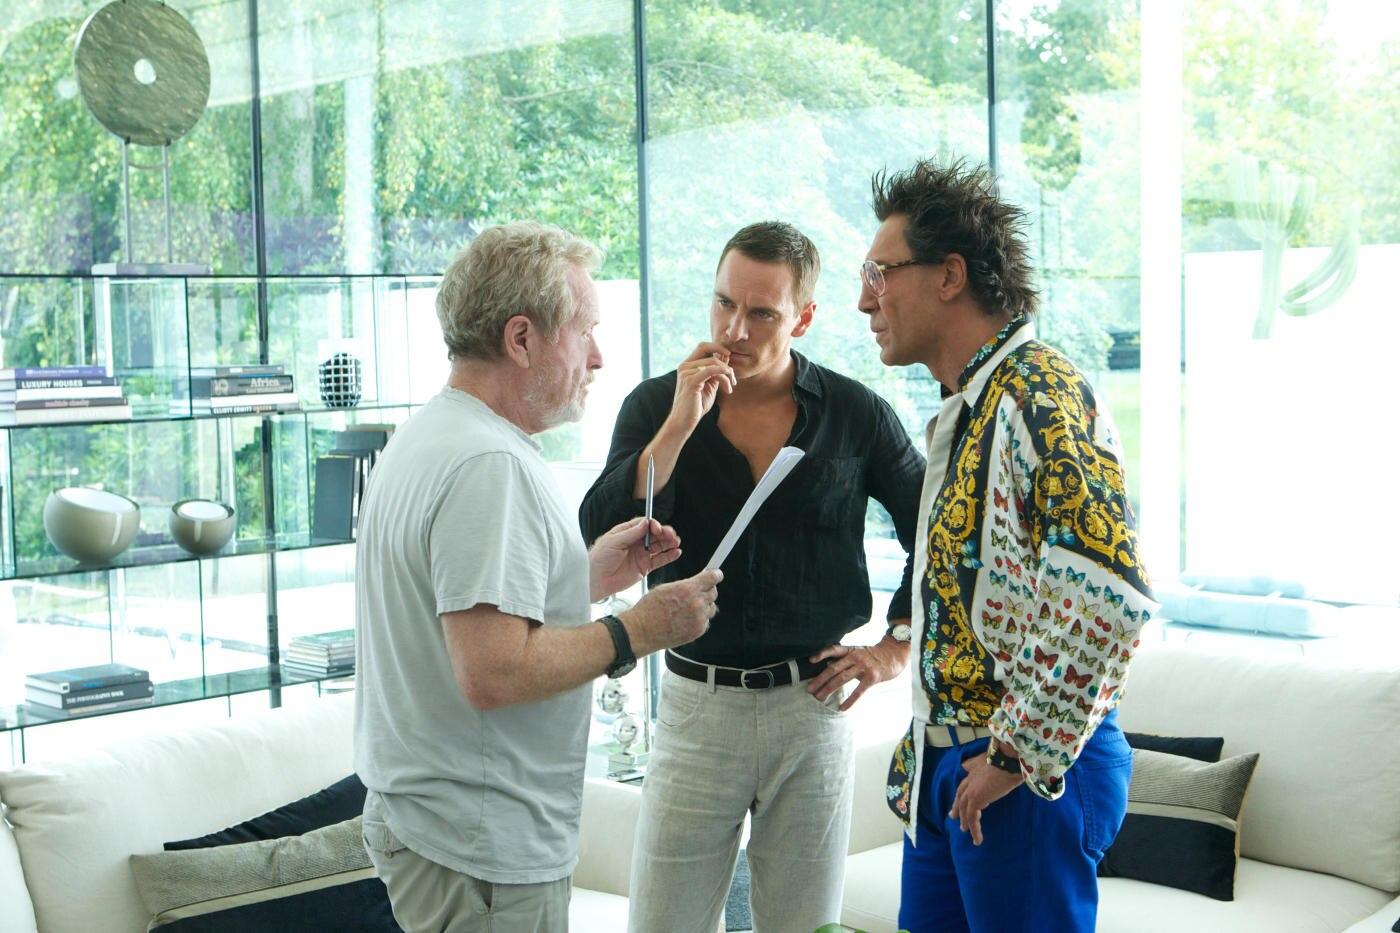 """Regieanweisungen von Ridley Scott (l.) an seine Hauptdarsteller Michael Fassbender und Javier Bardem am Set von """"The Counselor""""."""